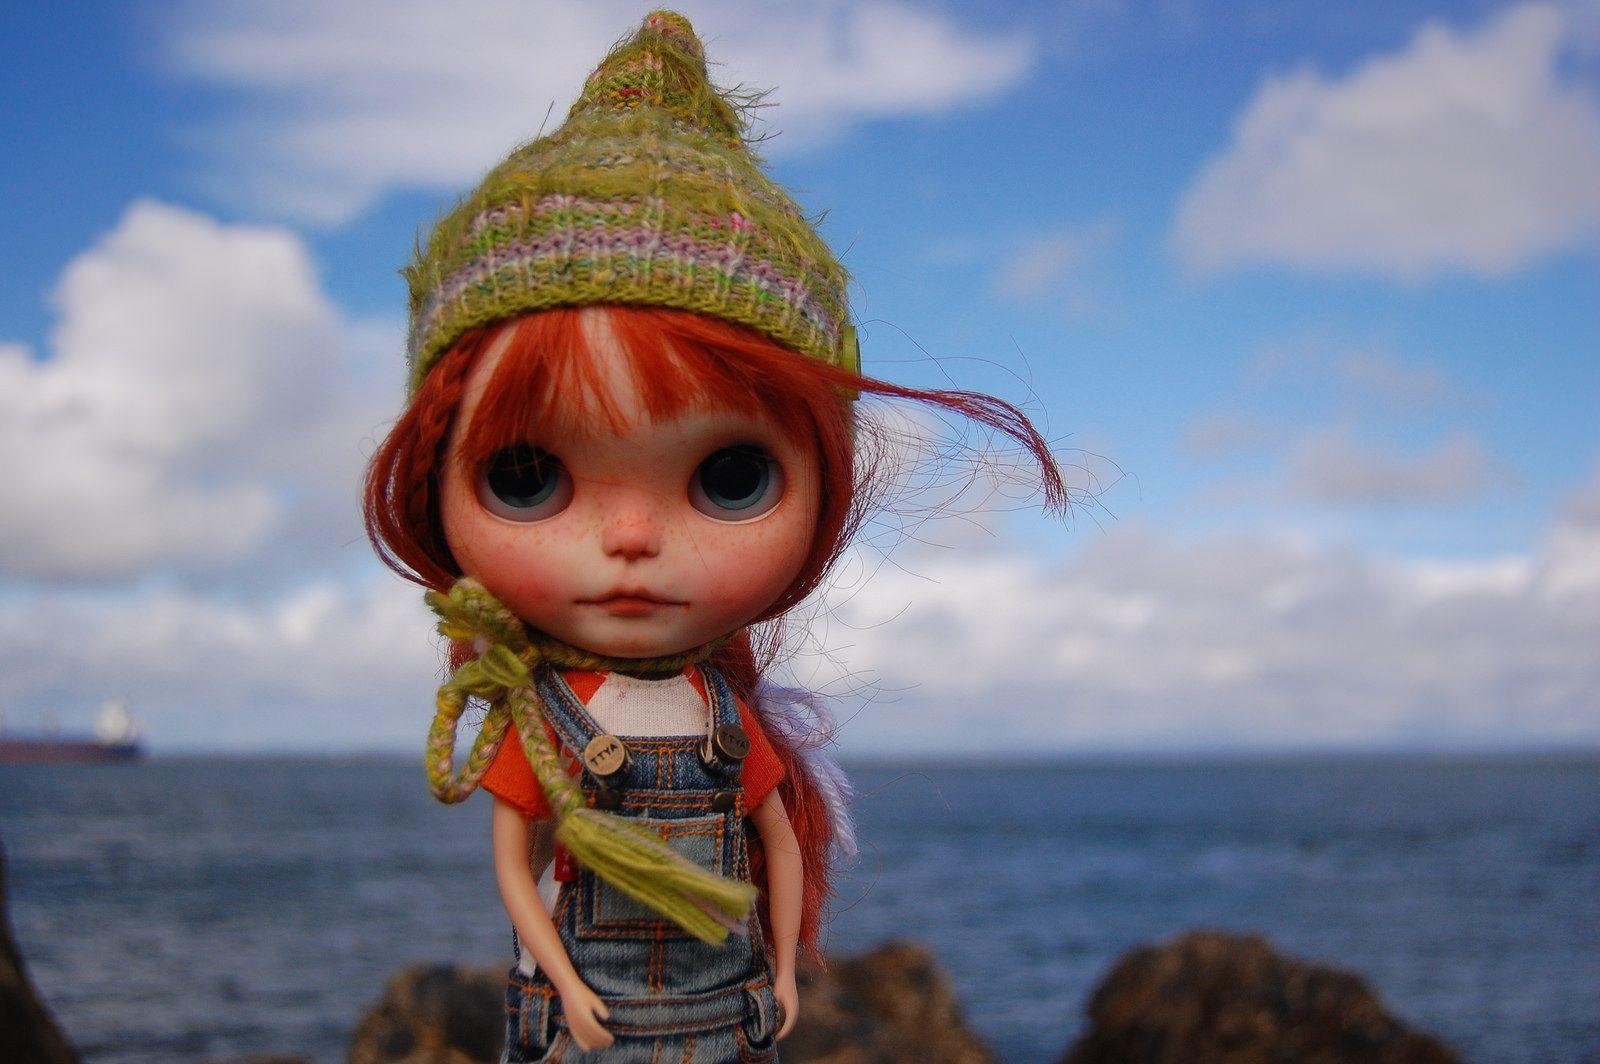 Lindy Dolldreams